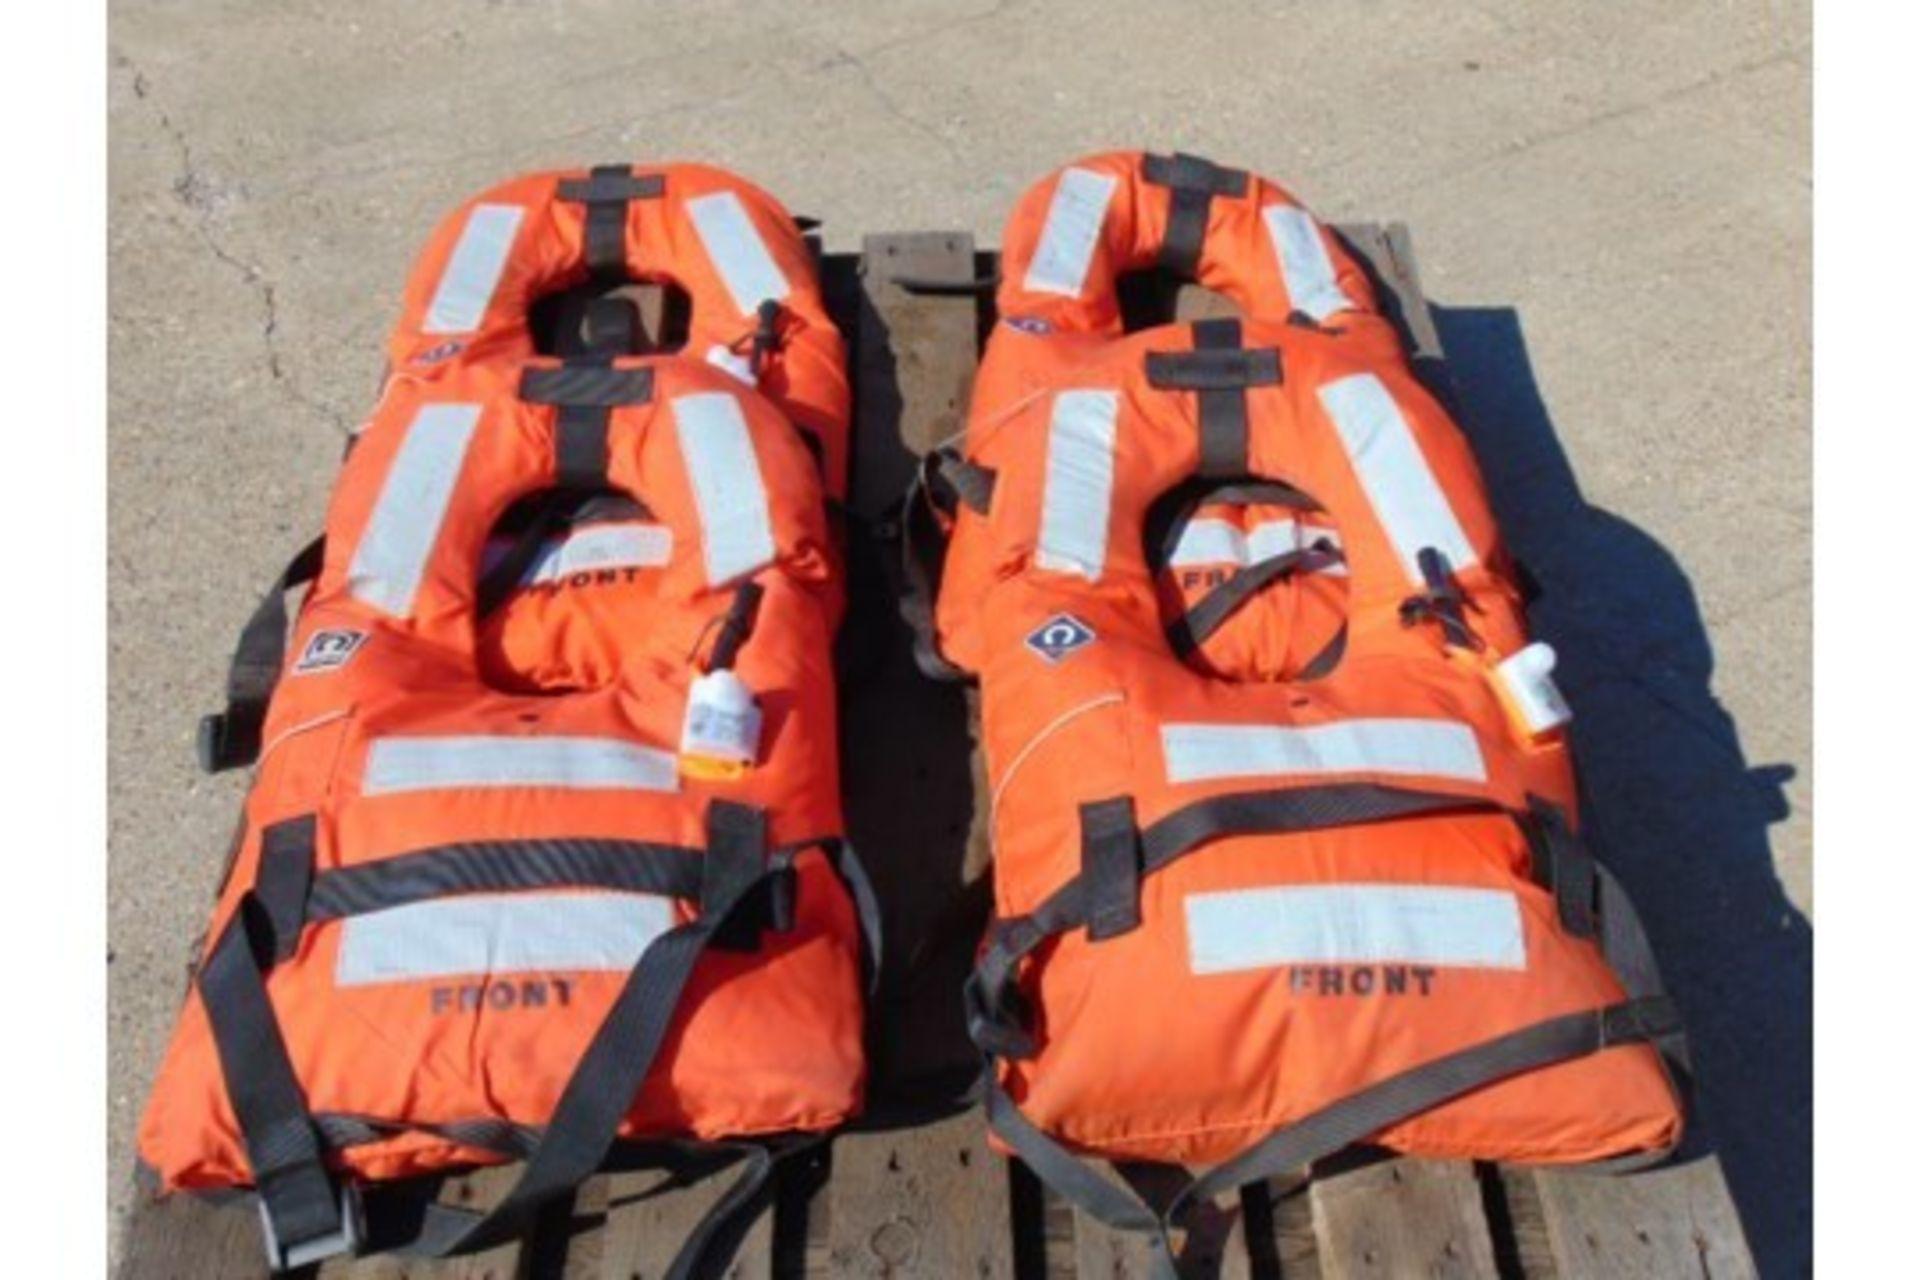 Lot 25863 - 4 x Crewsaver 150N Air Foam Lifejackets